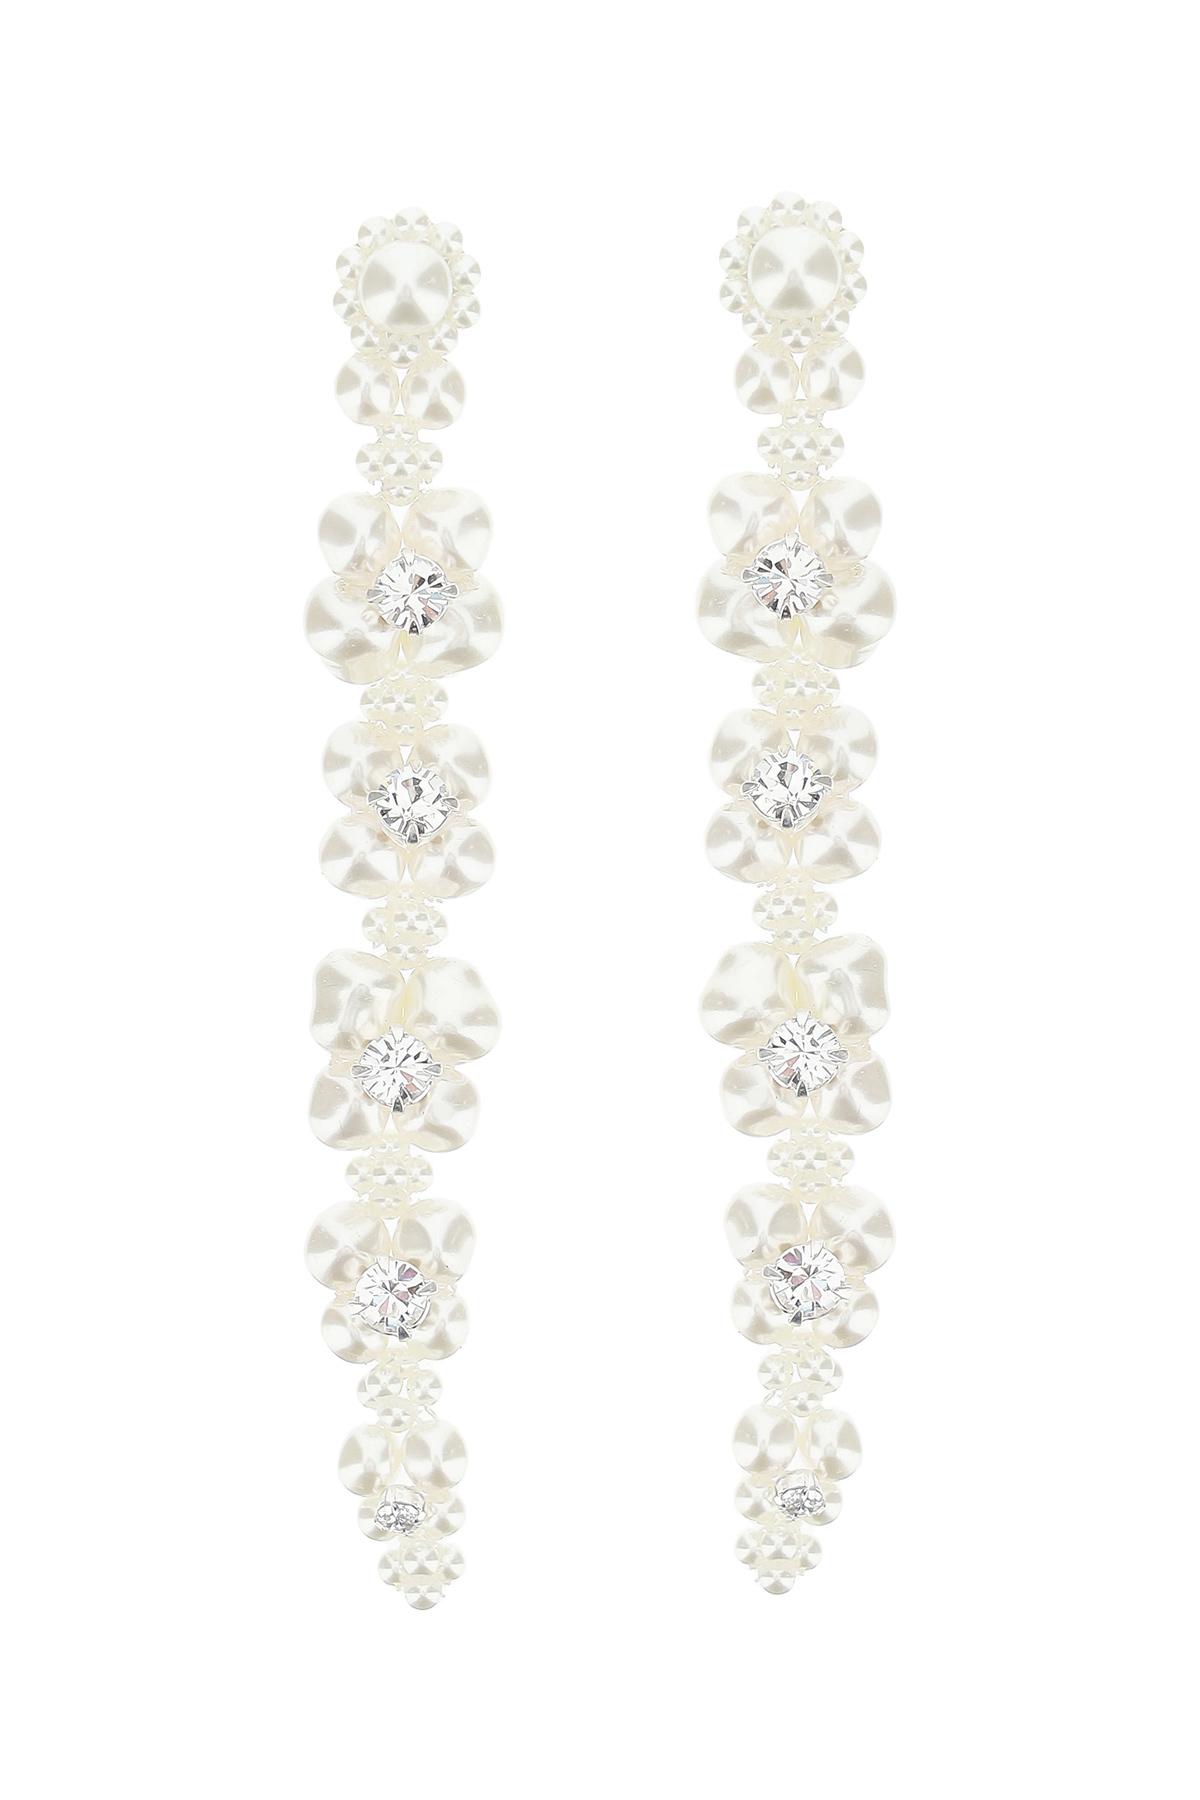 Simone rocha orecchini cluster drip pearl crystal